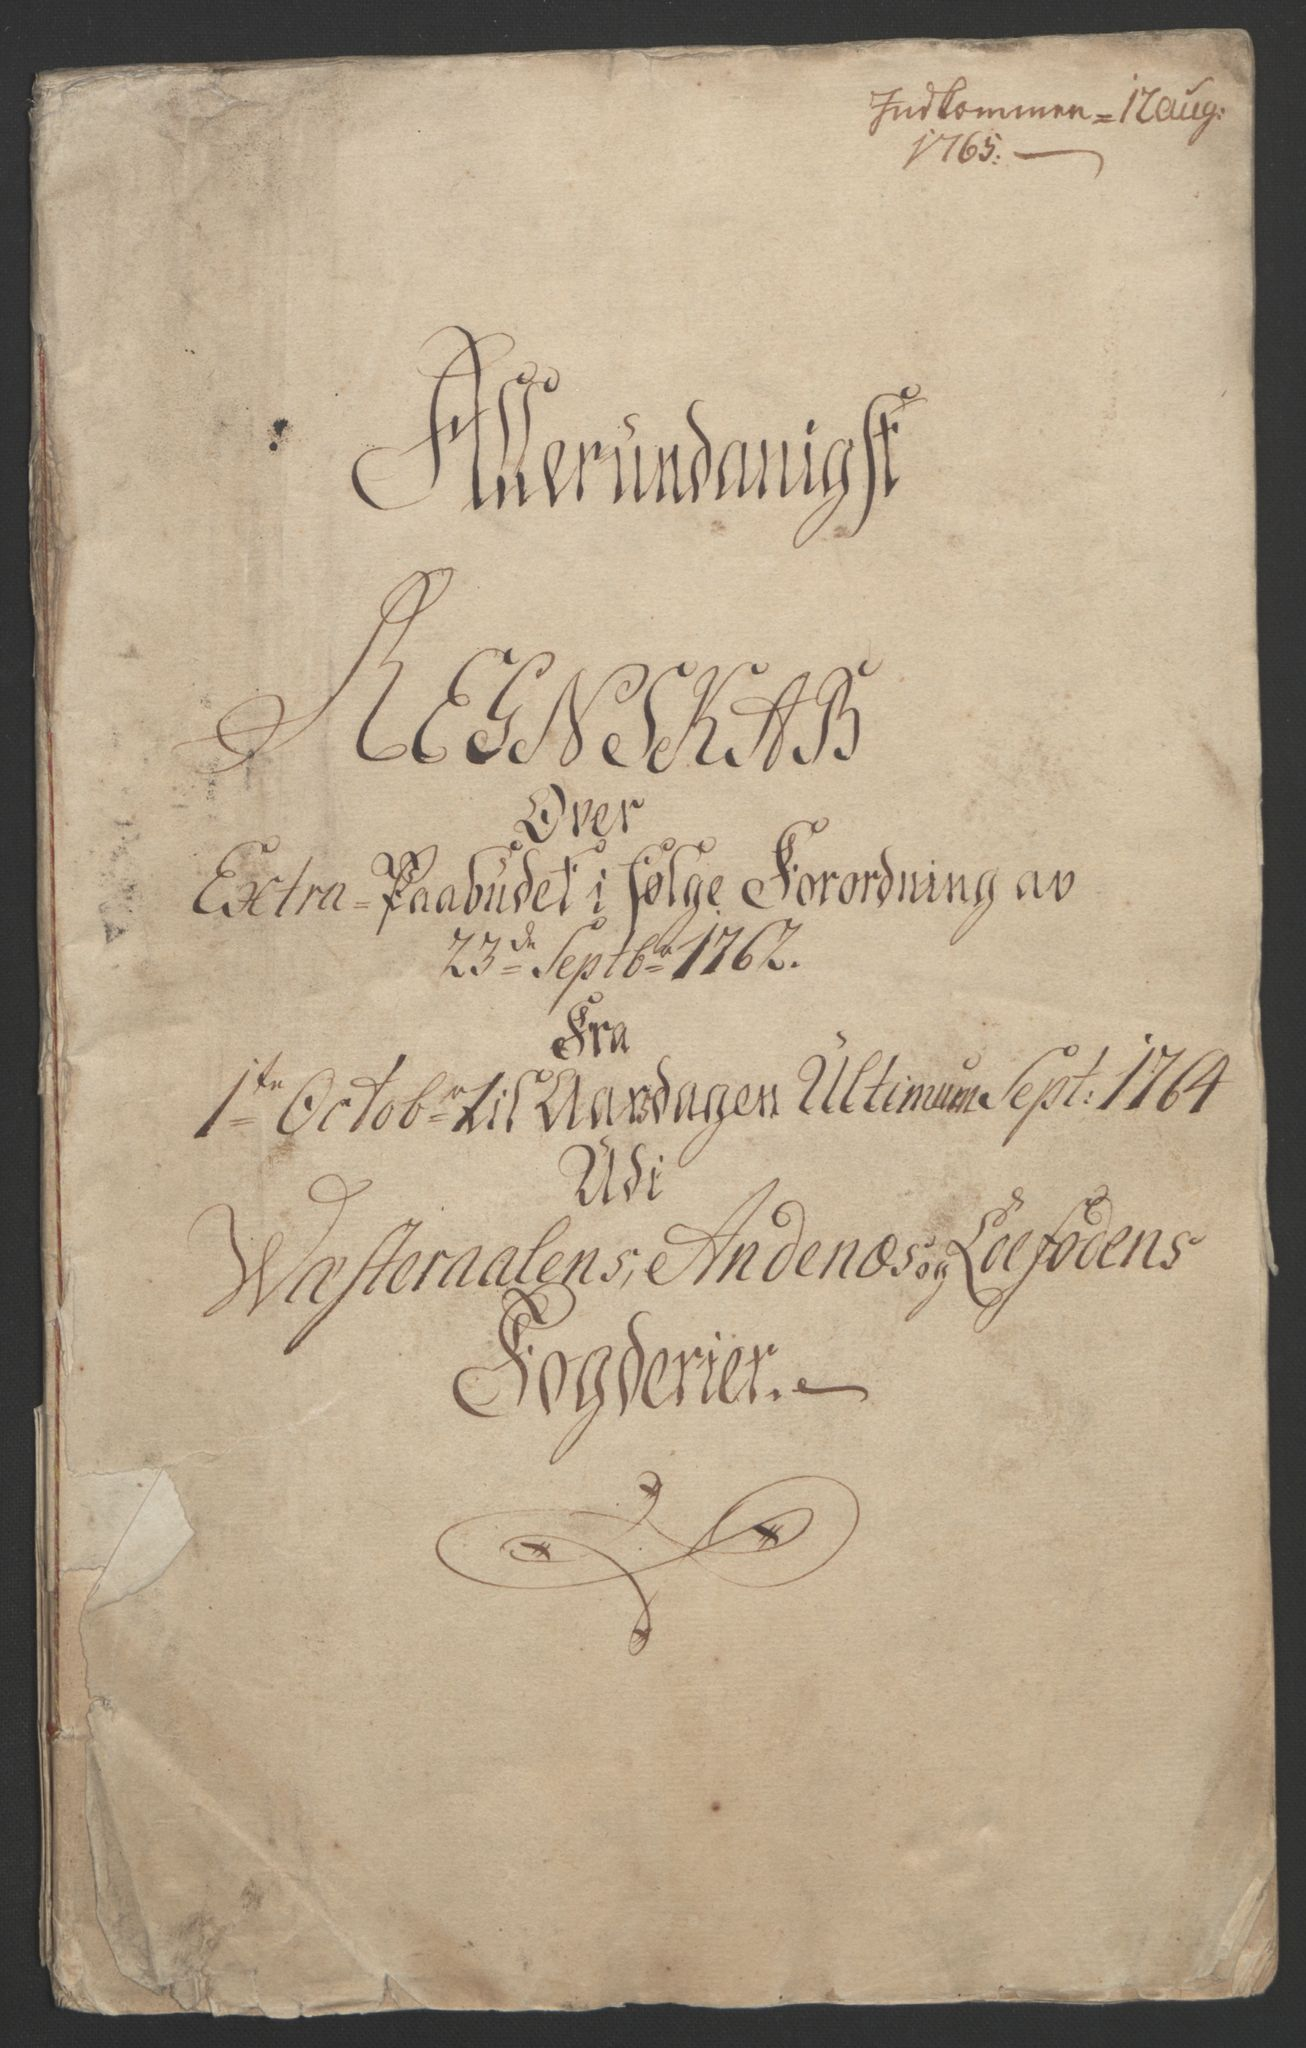 RA, Rentekammeret inntil 1814, Reviderte regnskaper, Fogderegnskap, R67/L4747: Ekstraskatten Vesterålen, Andenes og Lofoten, 1762-1766, s. 190